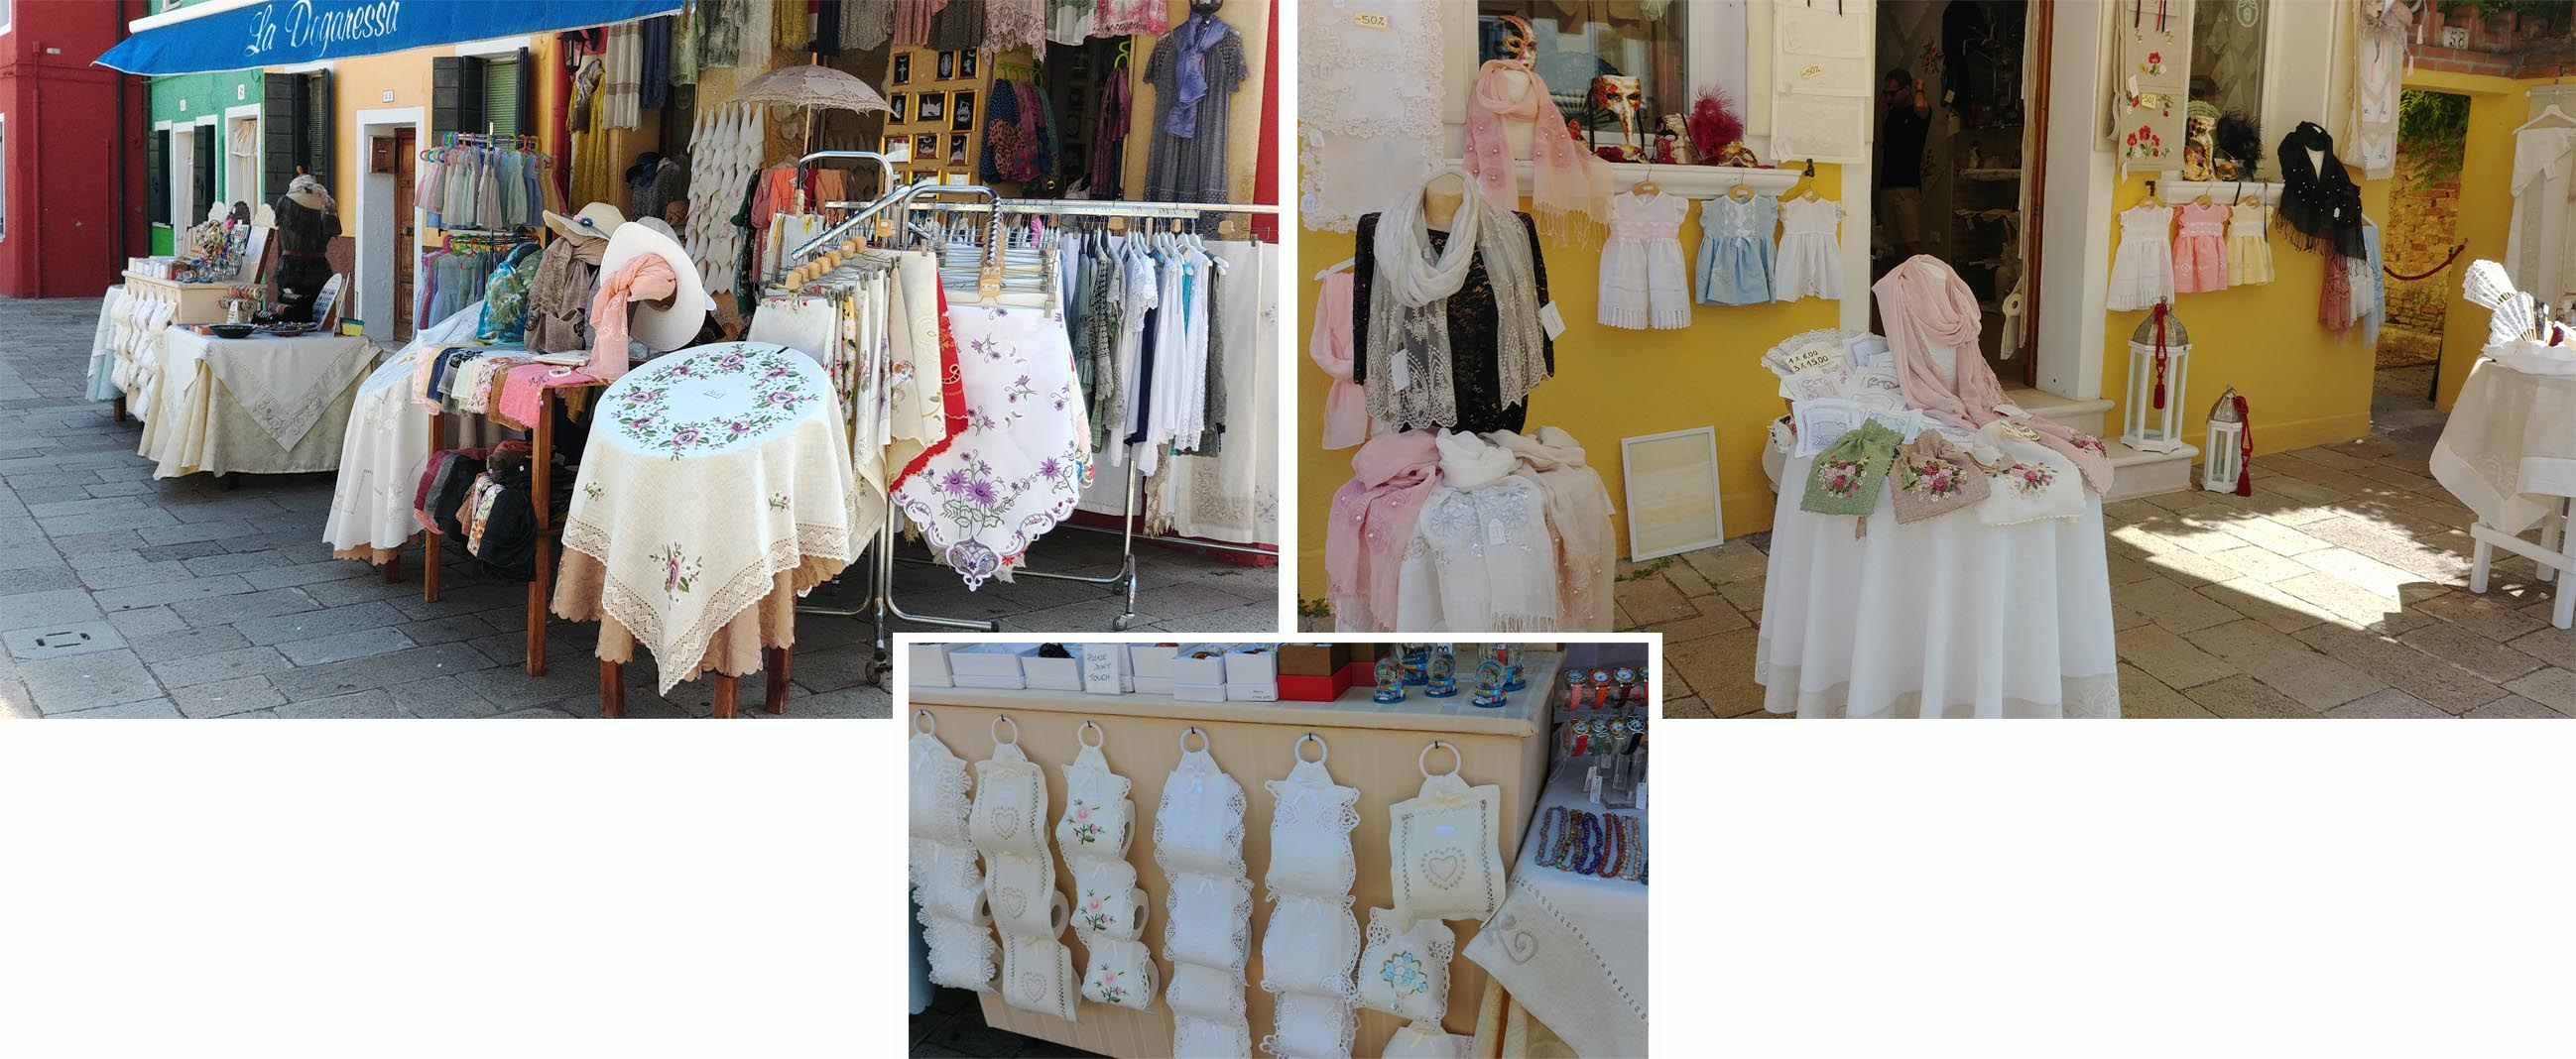 Laces at Burano